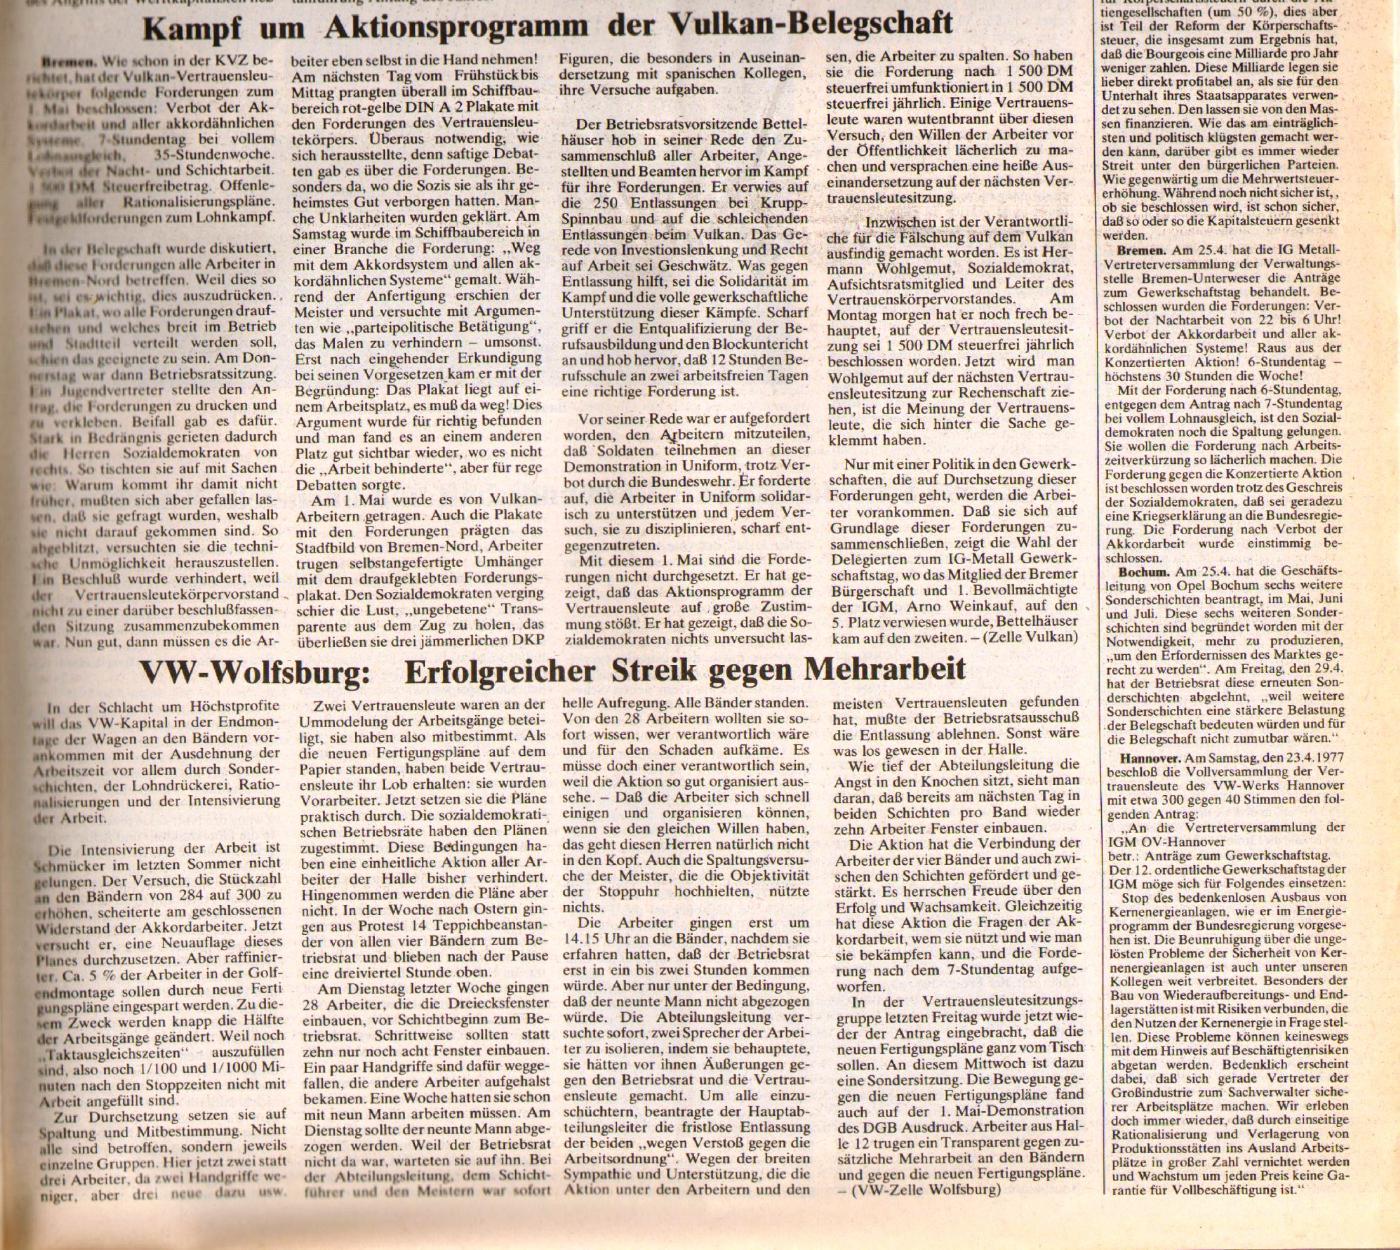 KVZ_Nord_1977_18_10